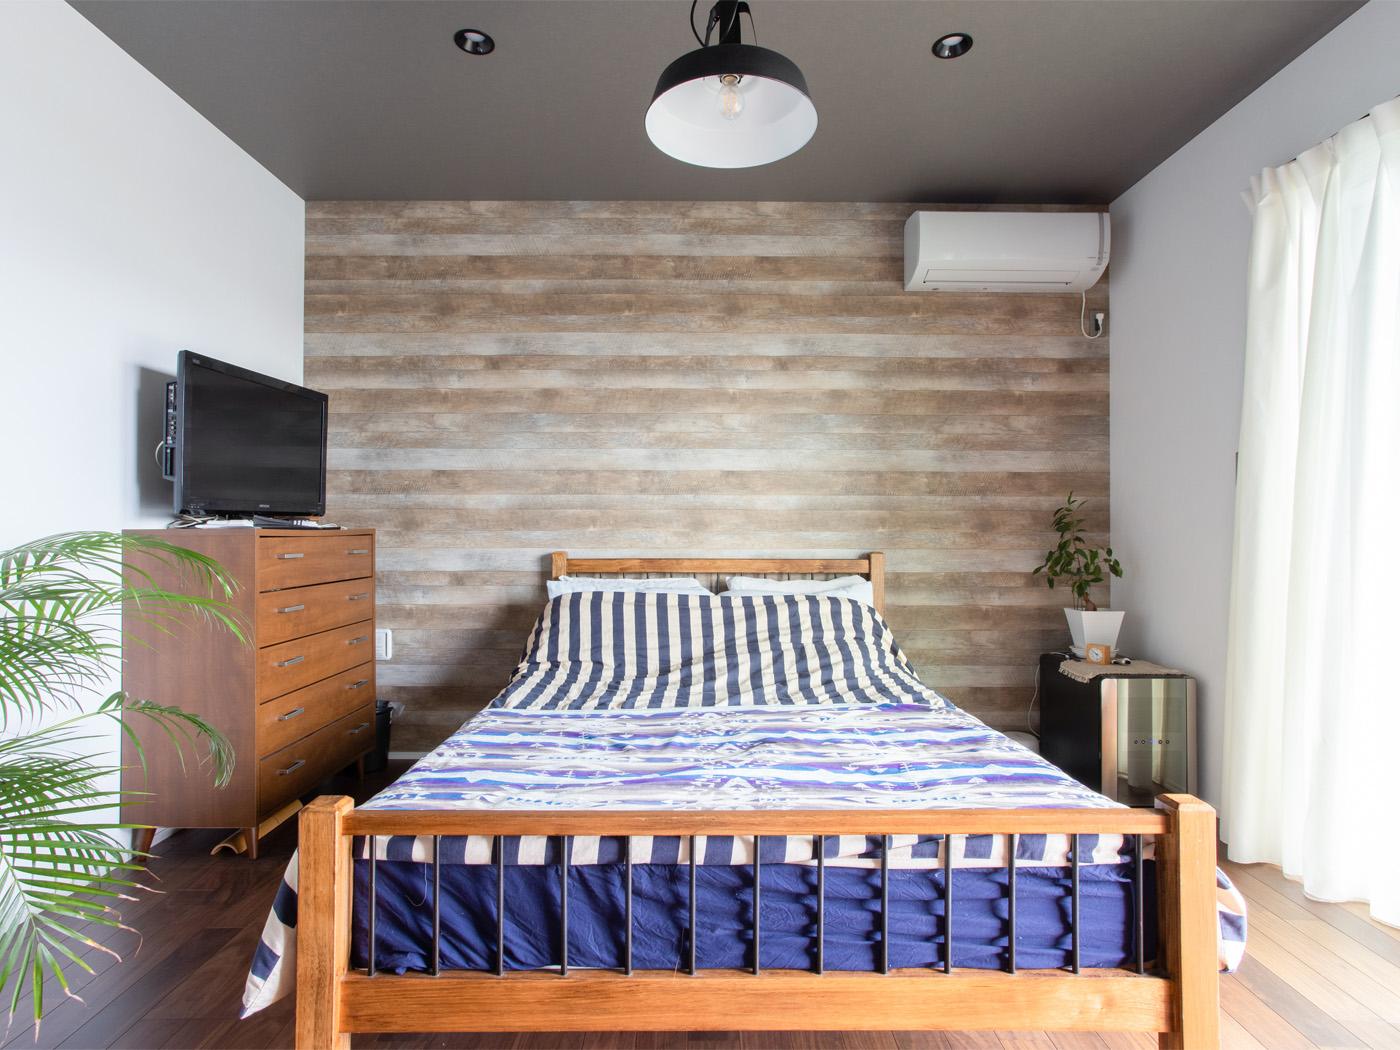 寝室はあえて家具を控えめにし、海外のモダンなホテルのイメージに。